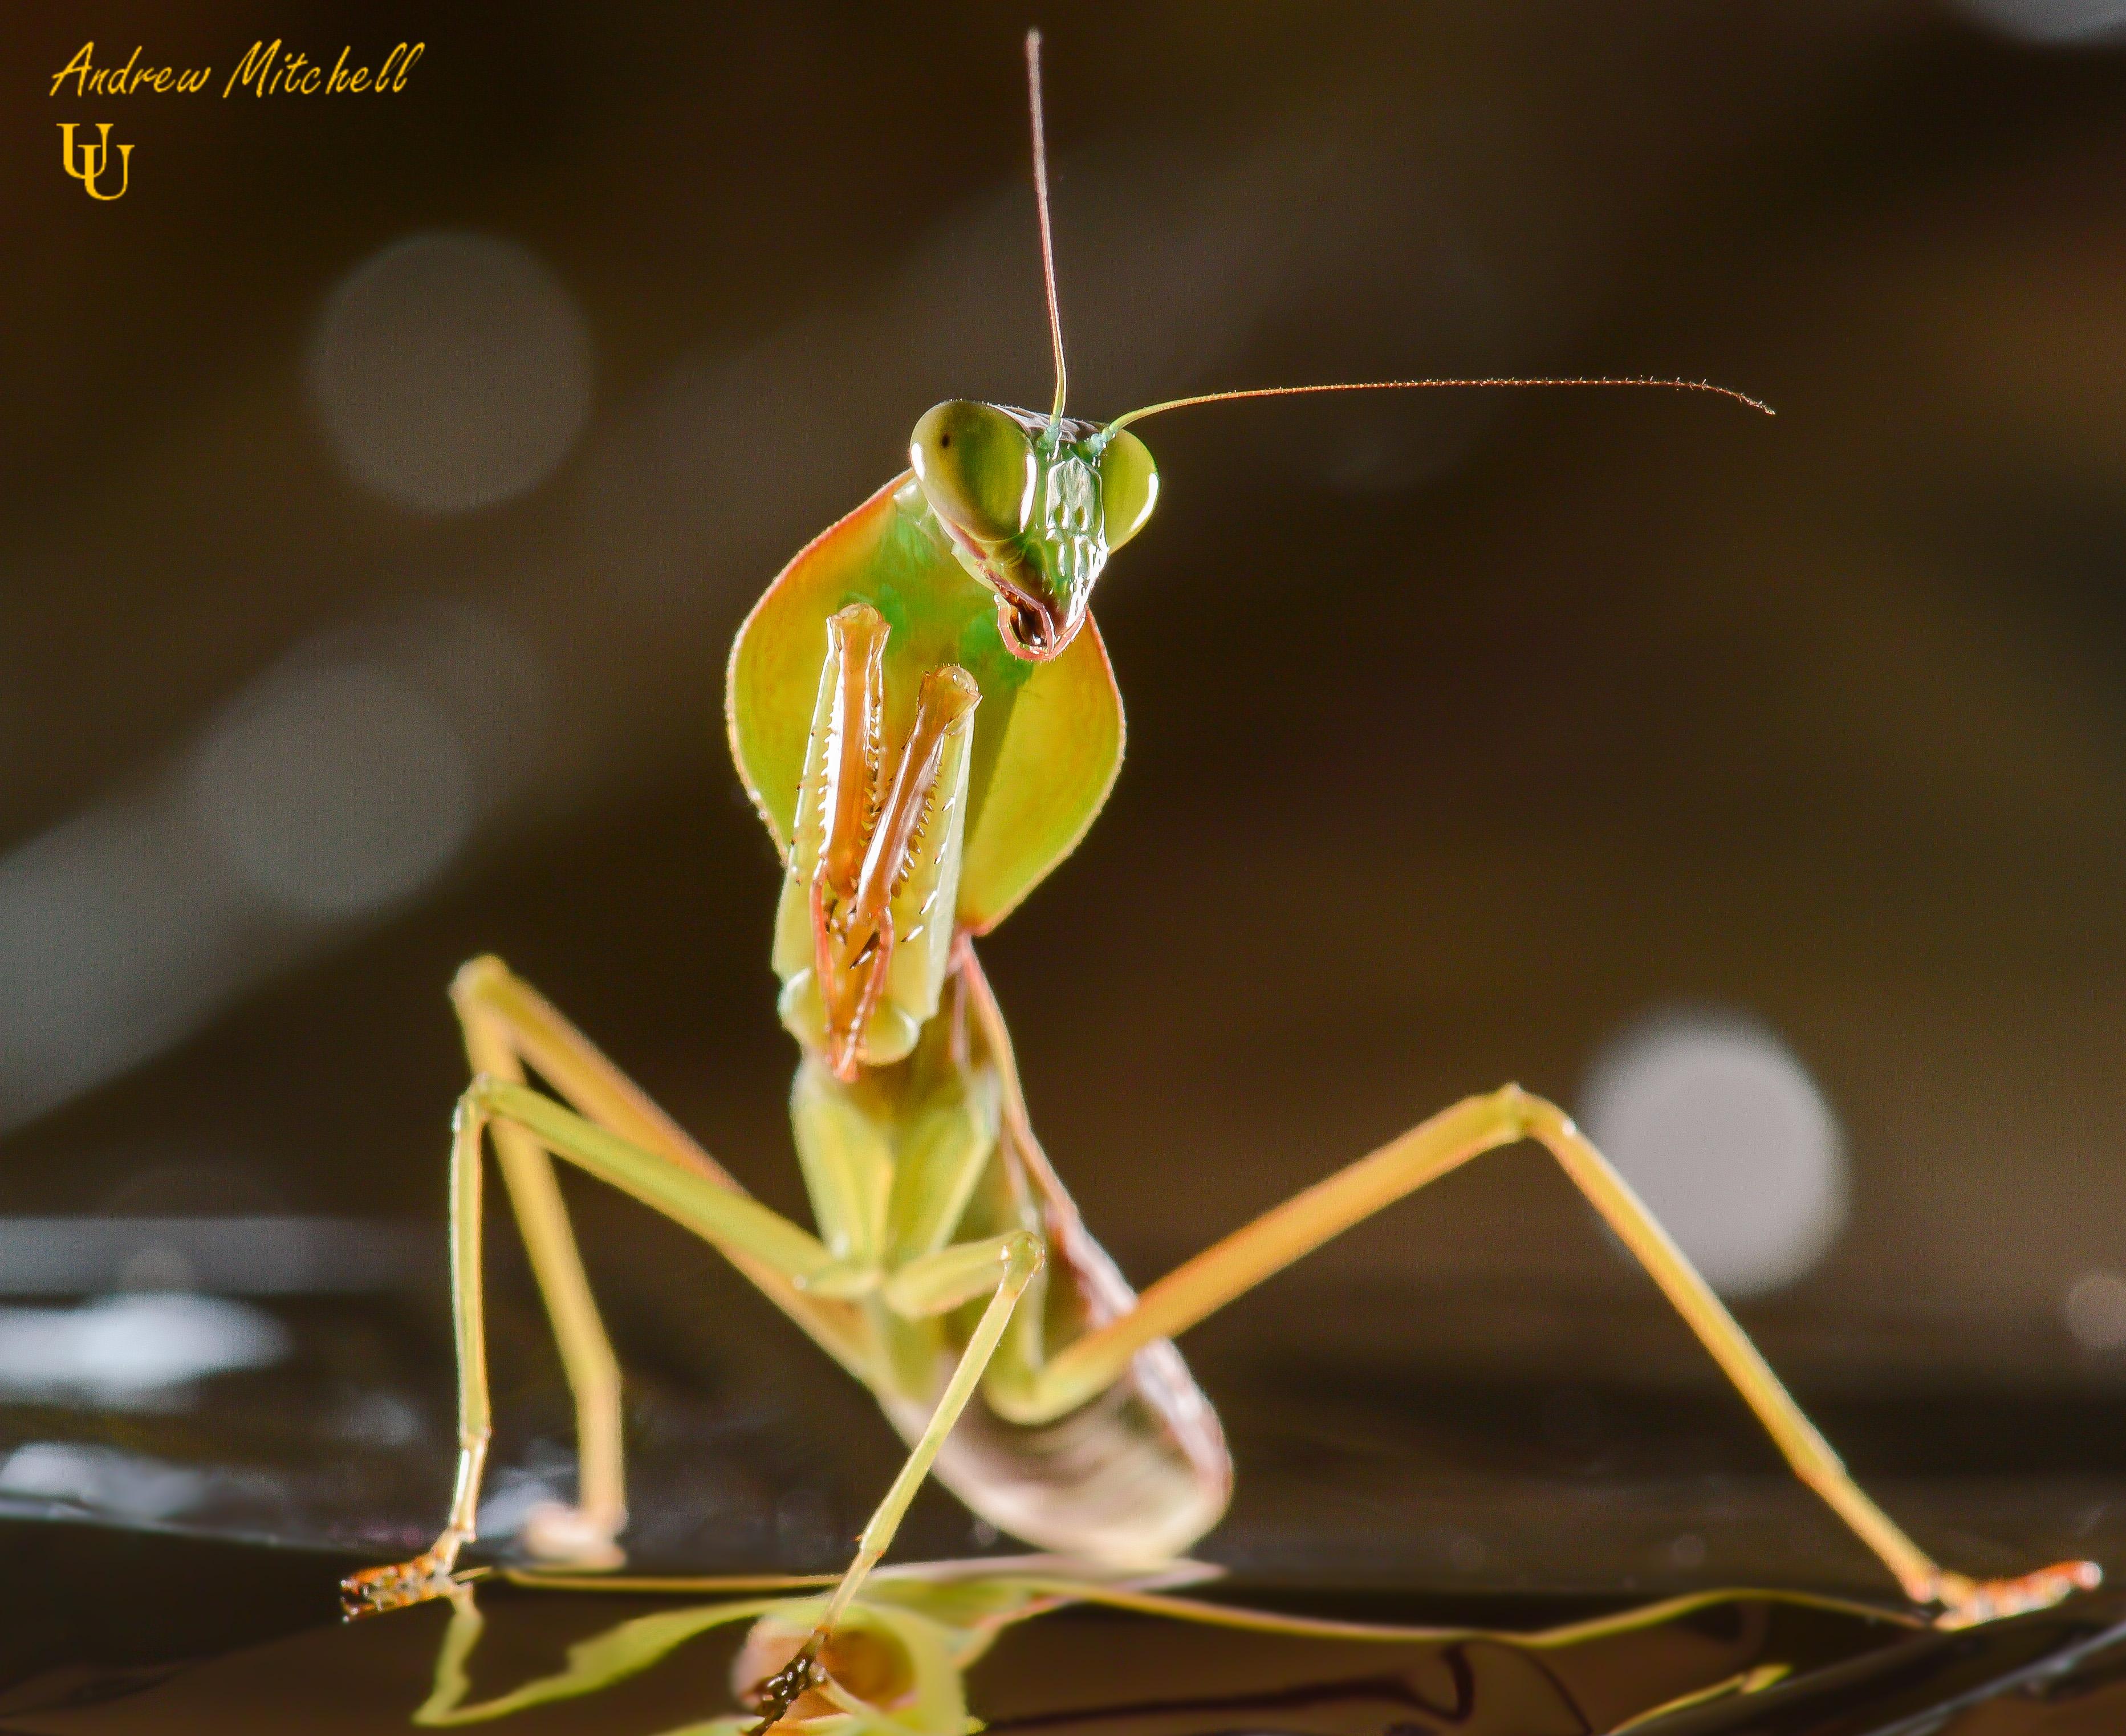 Rhombodera Basalis Giant Shield Mantis For Sale